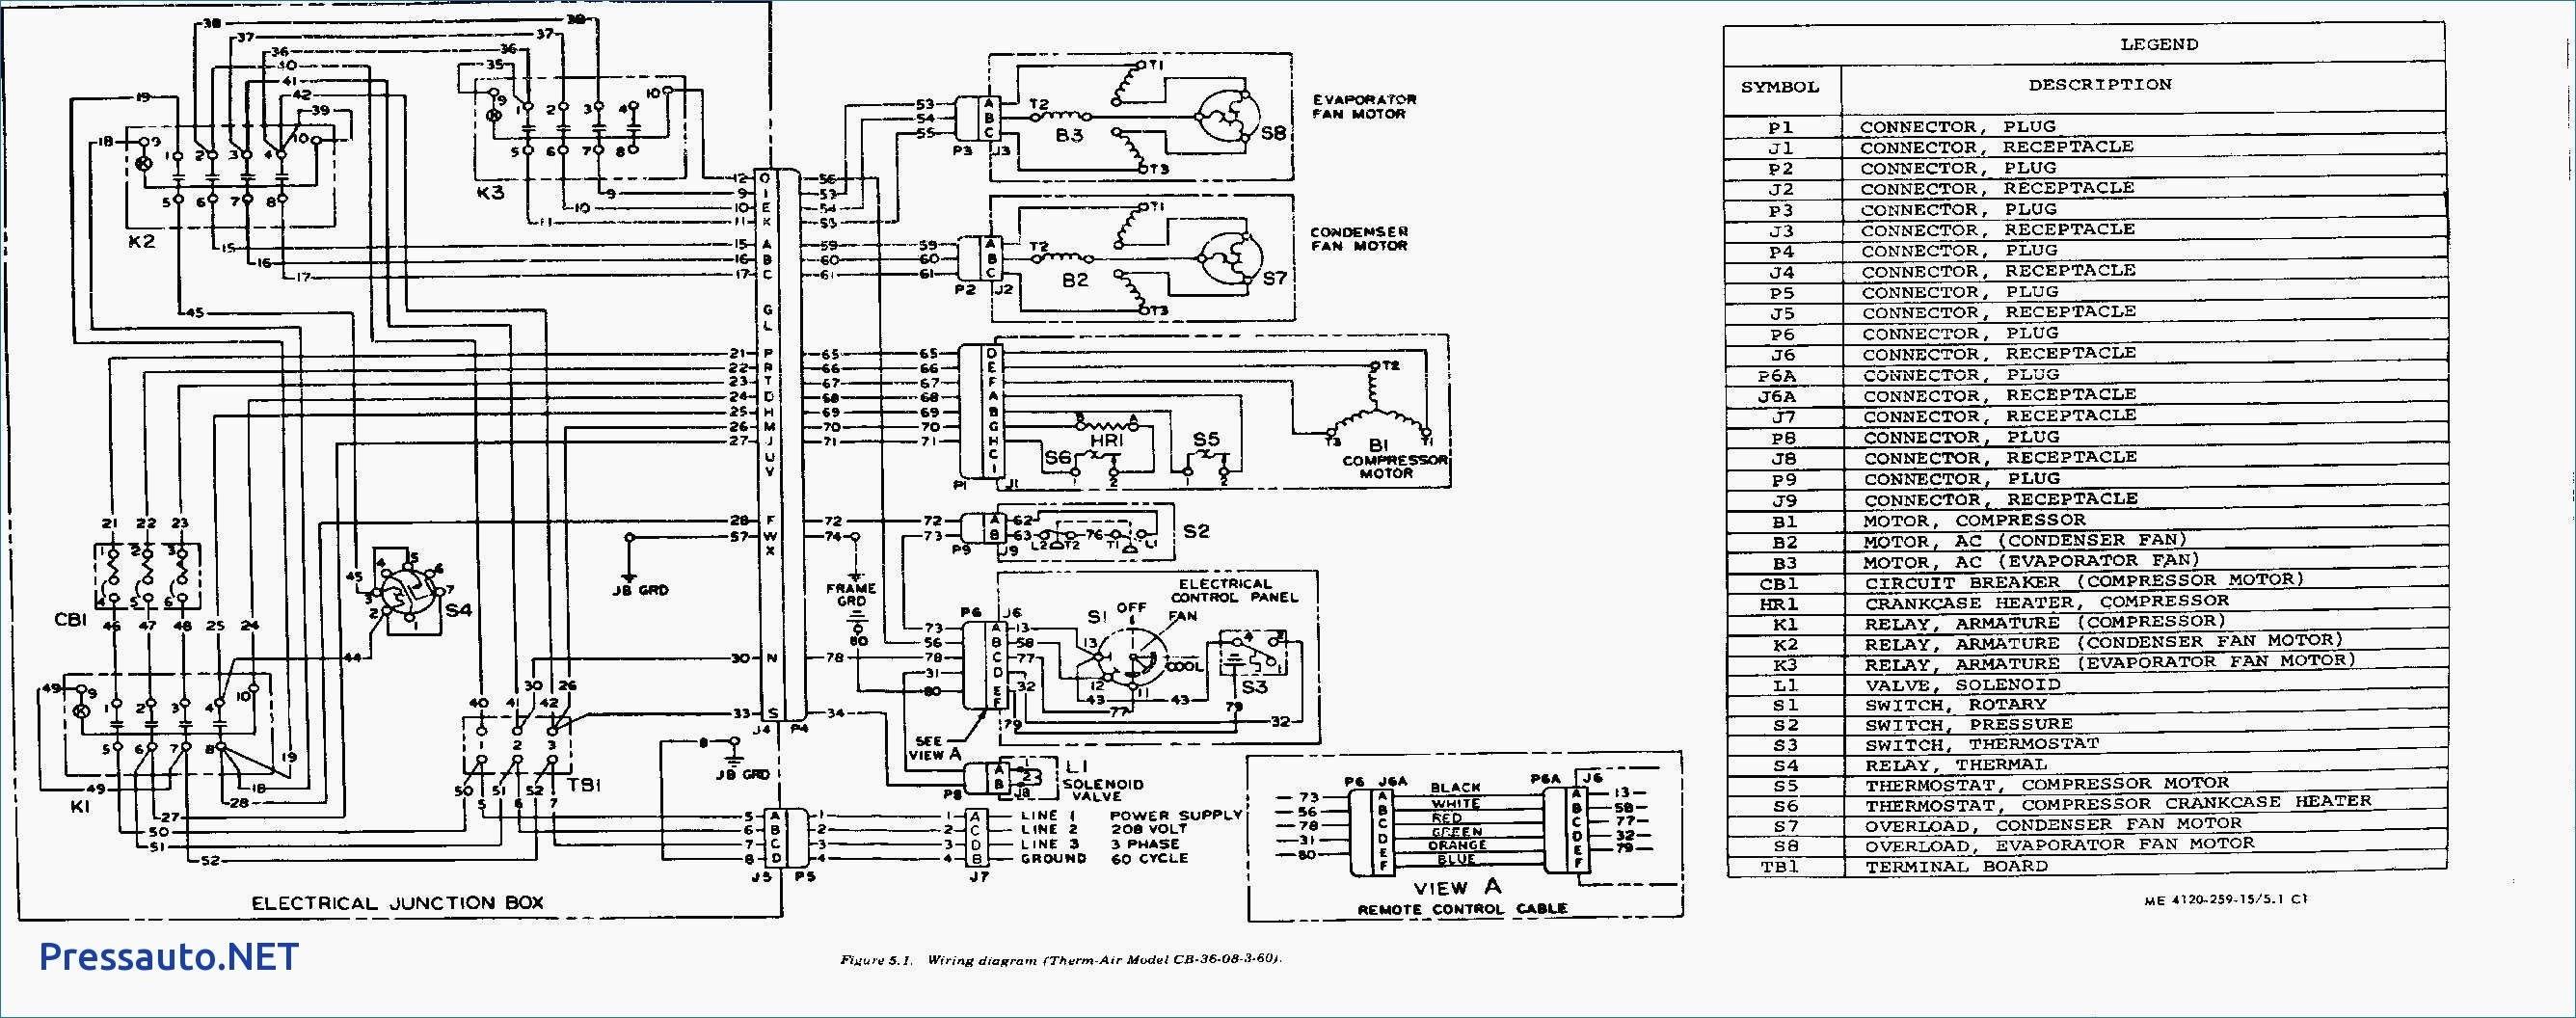 Wiring Diagram Air conditioning Unit New Split System Air Conditioner Wiring Diagram Ruud Ac Unit Cat C 15